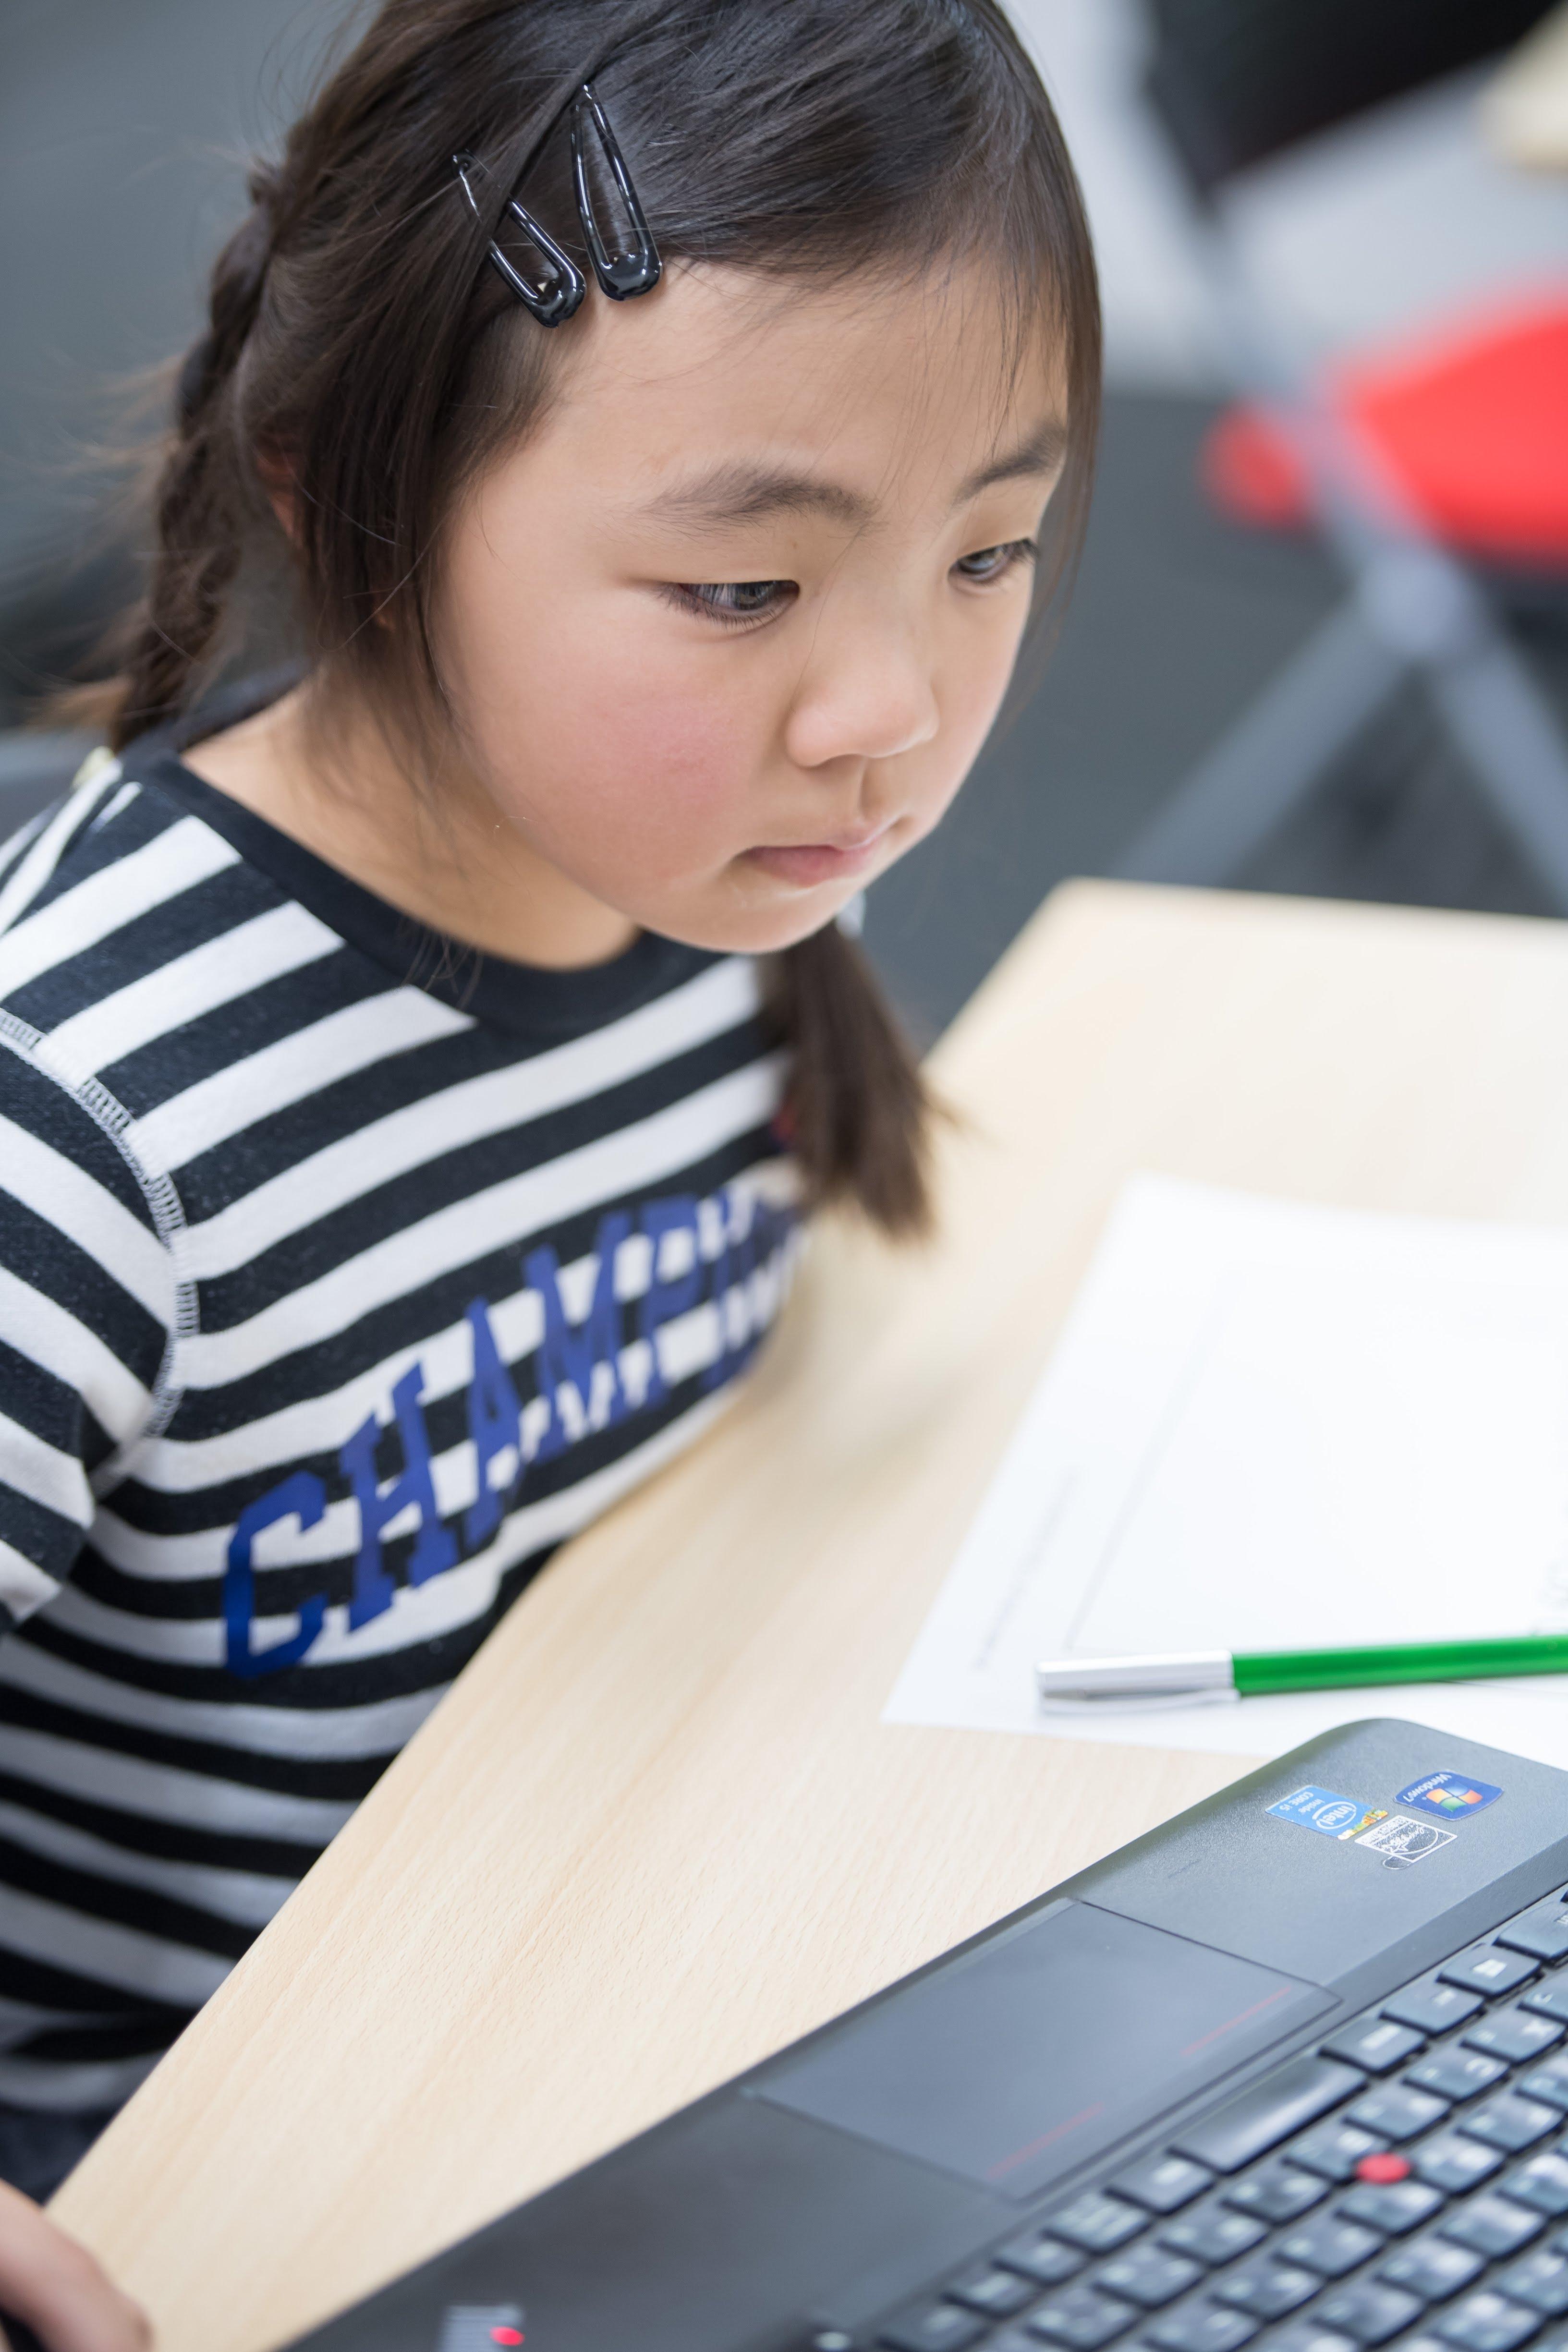 親子イベント|プログラミングスクール・習い事のイフキッズアカデミー(IF Kids Academy)